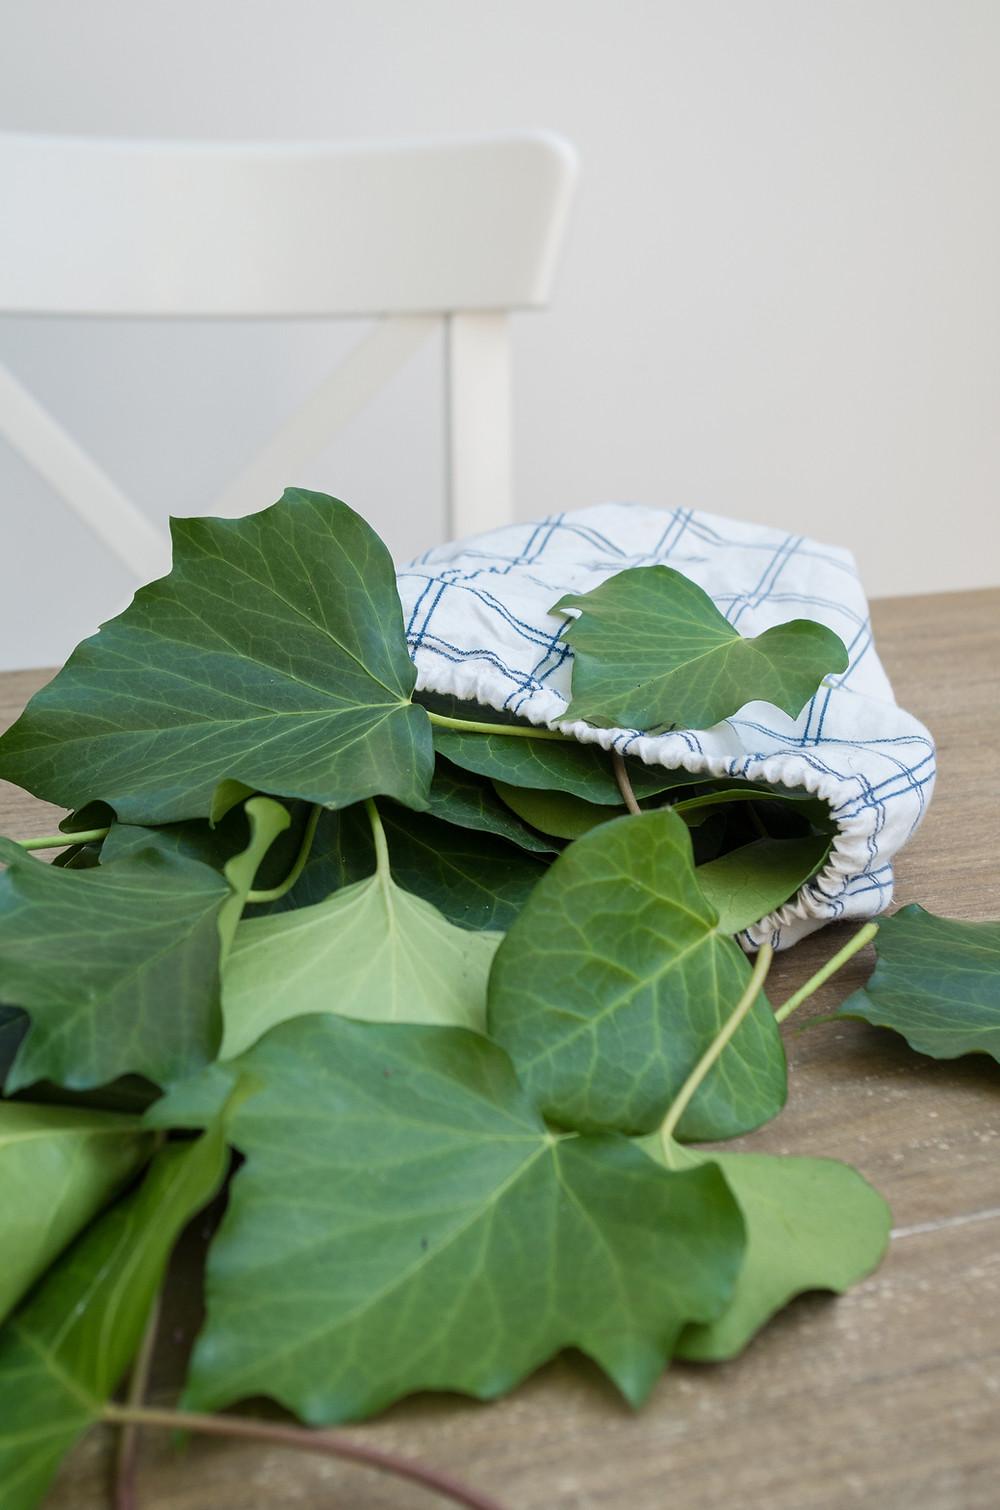 Feuilles de lierre fraîchement récoltées pour fabriquer de la lessive écologique et presque gratuite